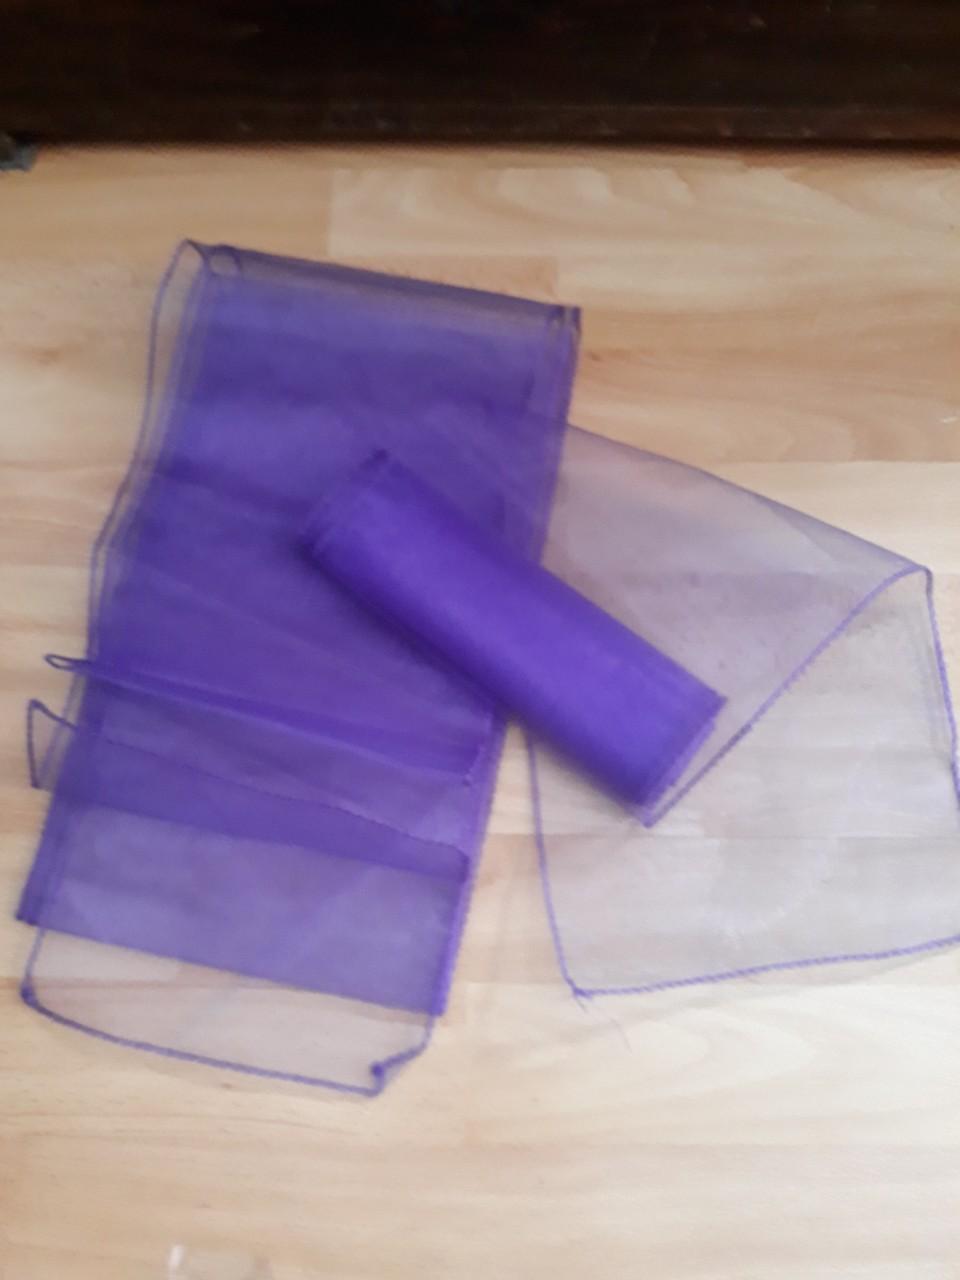 Rôzne fialové organzy a tyly 11ks -cena už s poštu - Obrázok č. 4